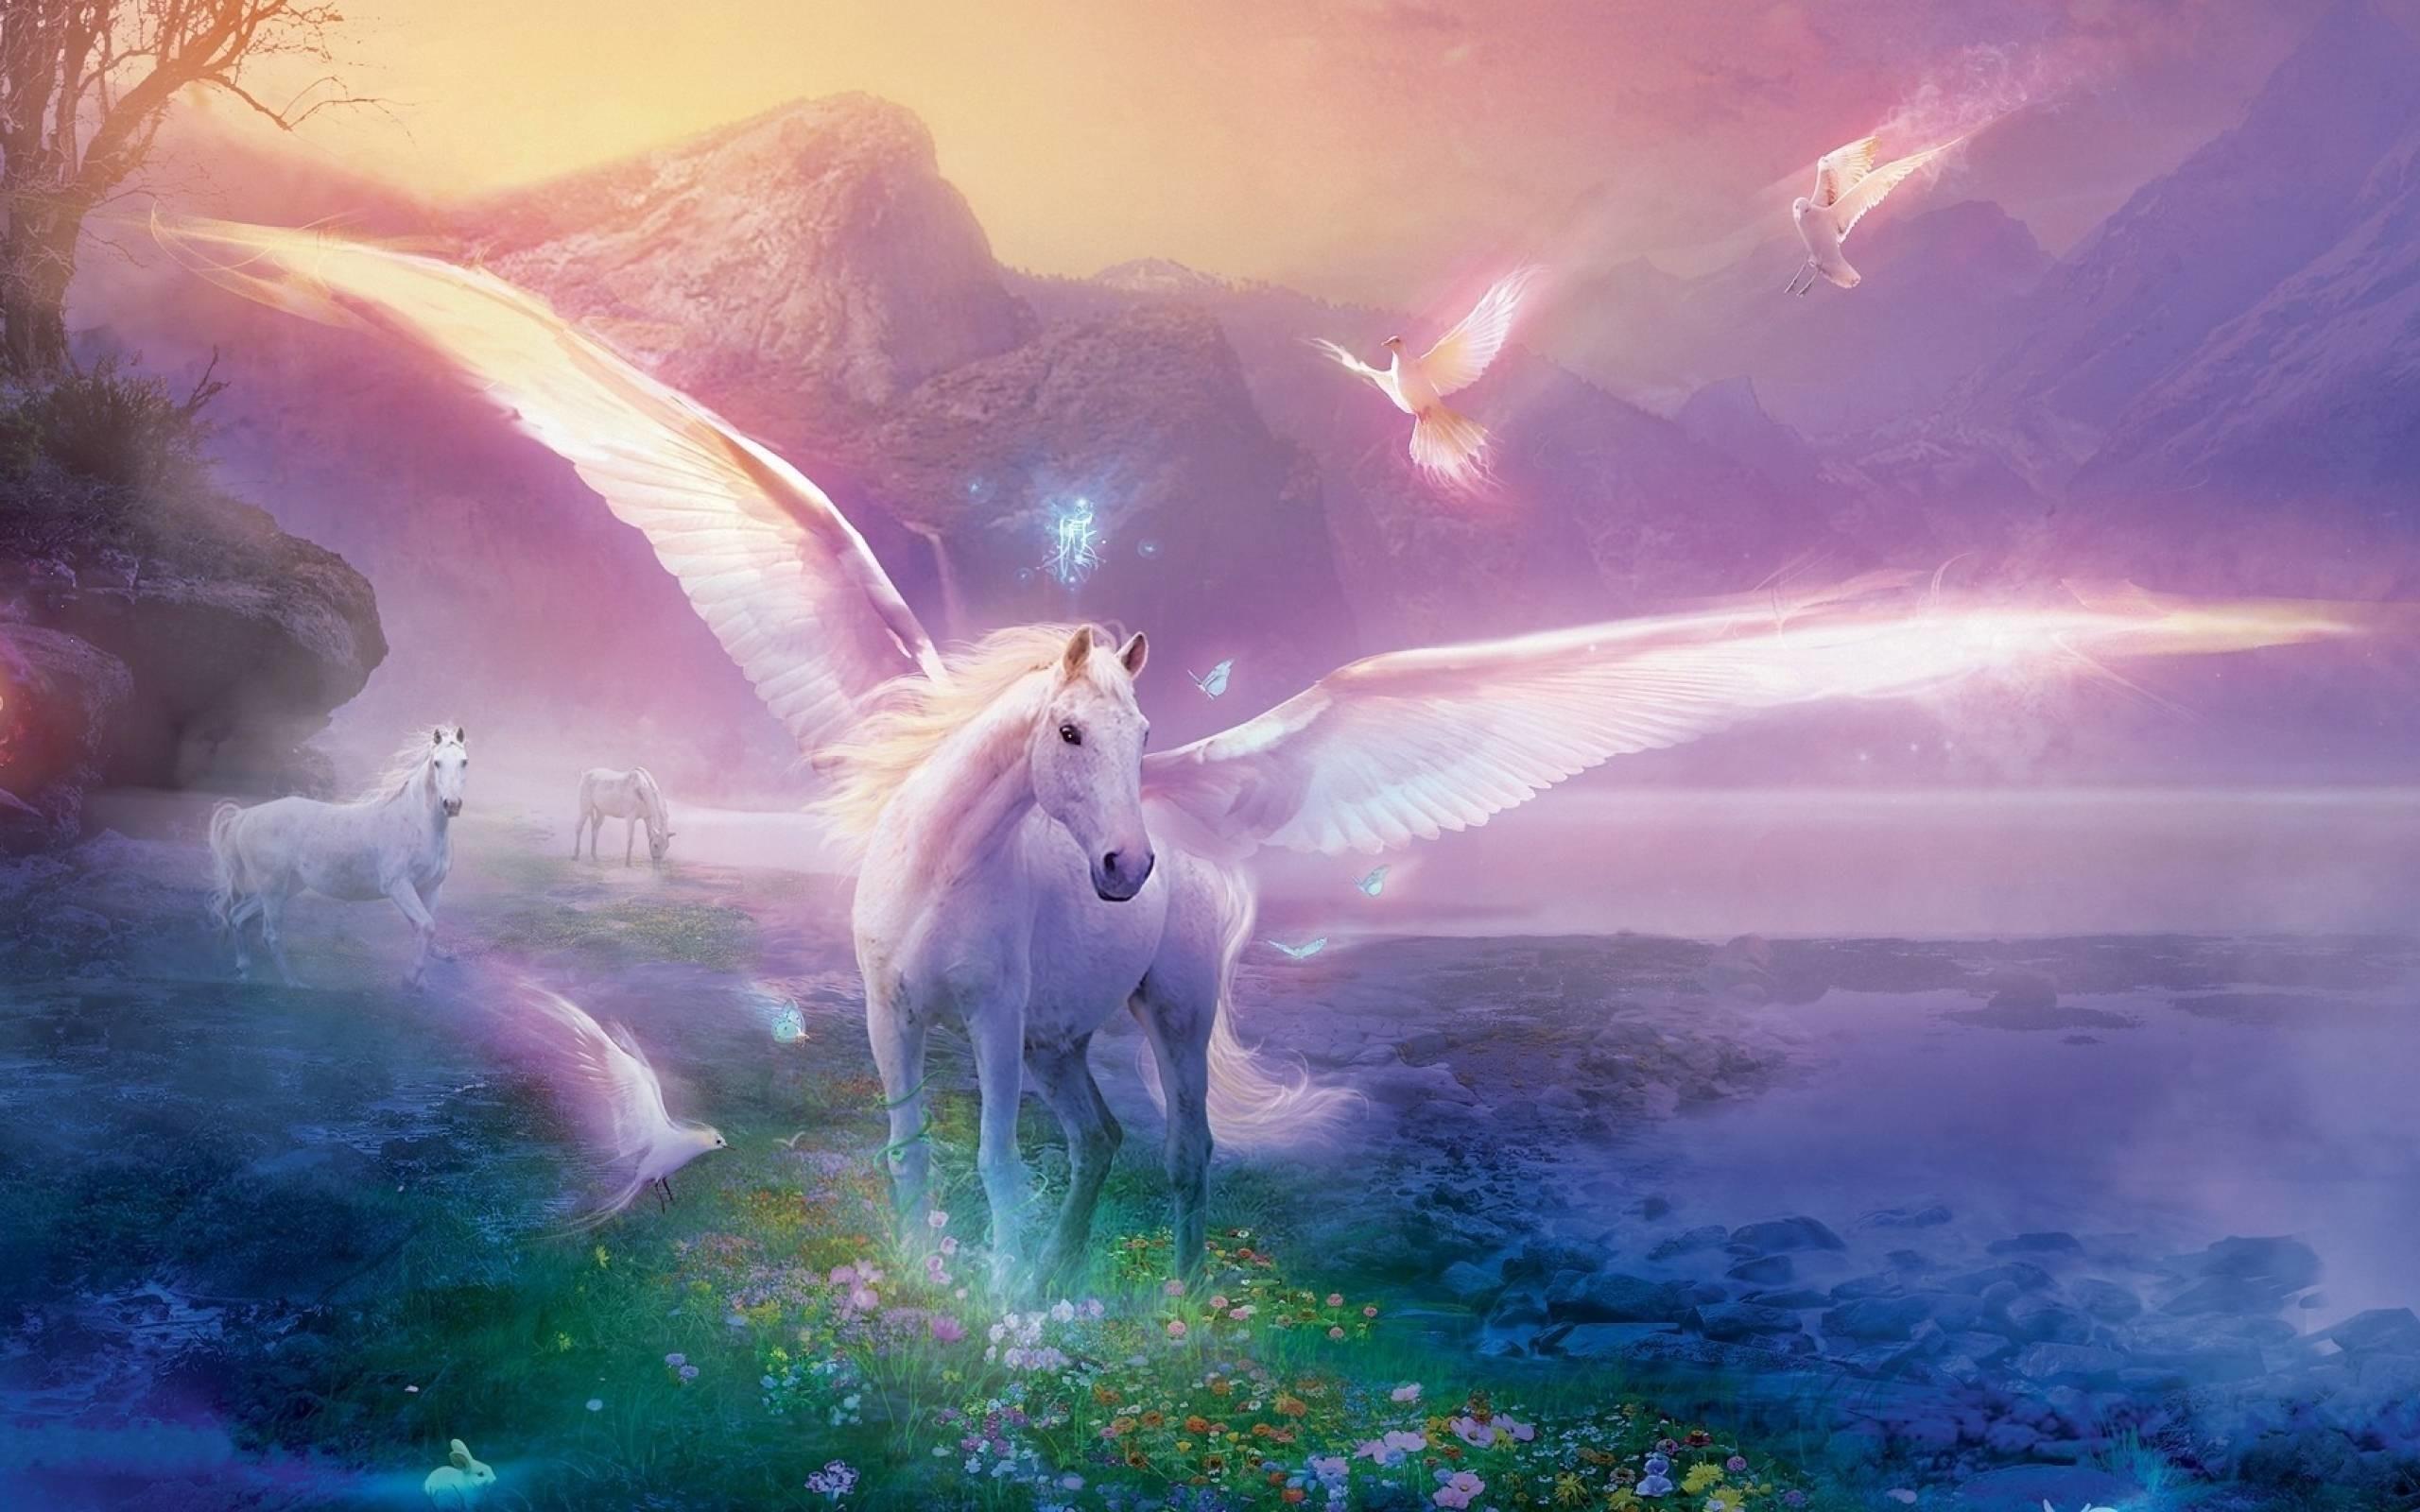 Unicorn Desktop Backgrounds (72+ pictures)